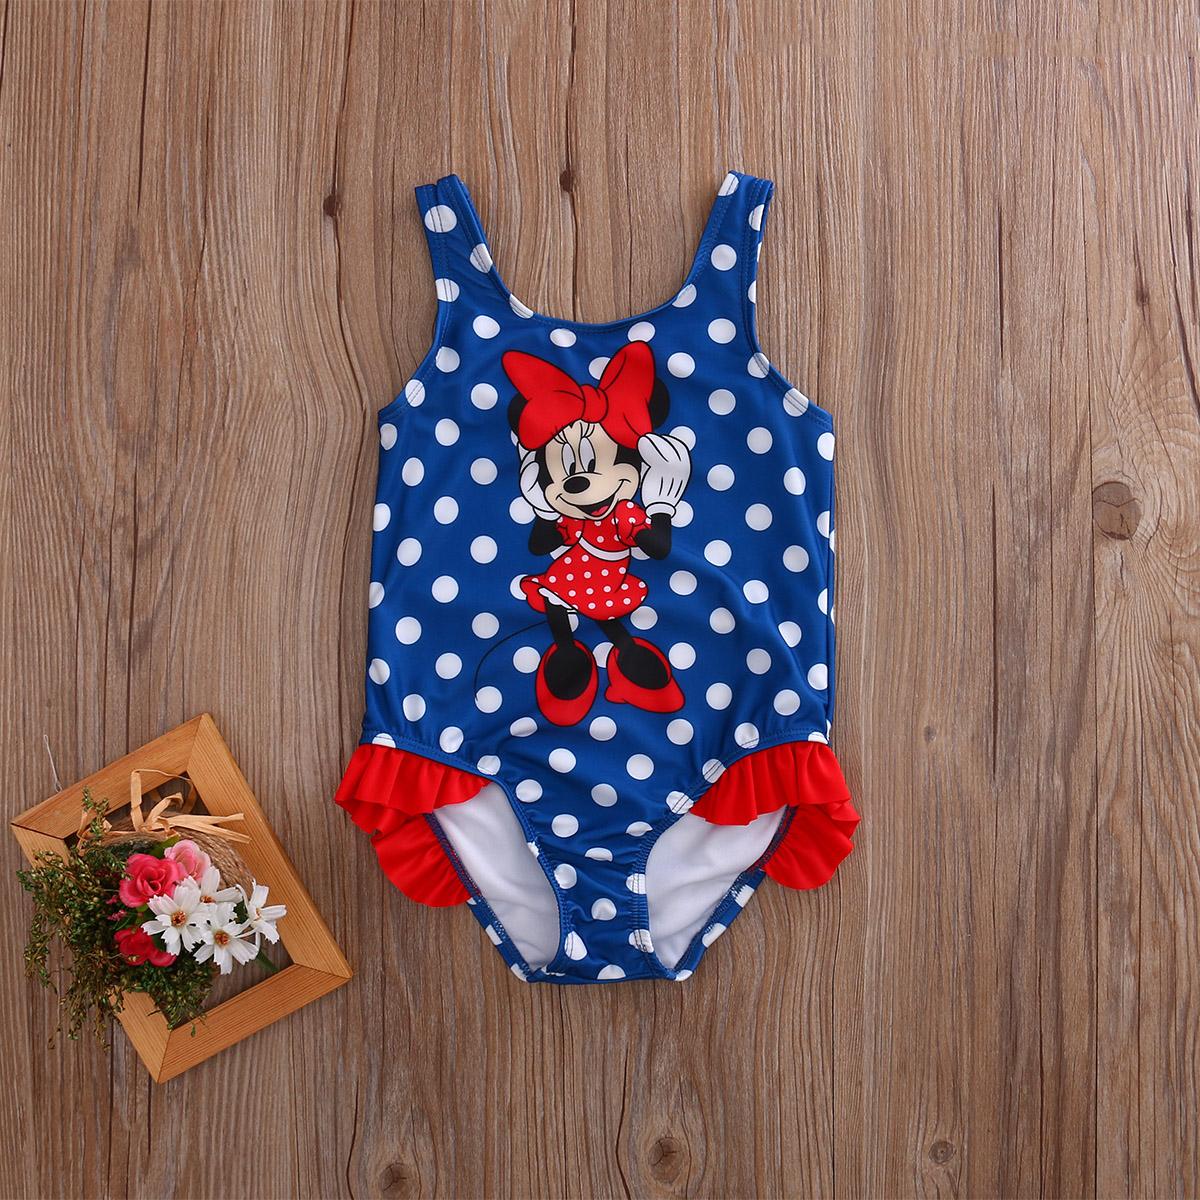 2017 Детский костюм, купальный костюм, купальный костюм в горошек, цельные костюмы для девочек, Танкини с рисунком мышки, От 1 до 5 лет для малыш... 13